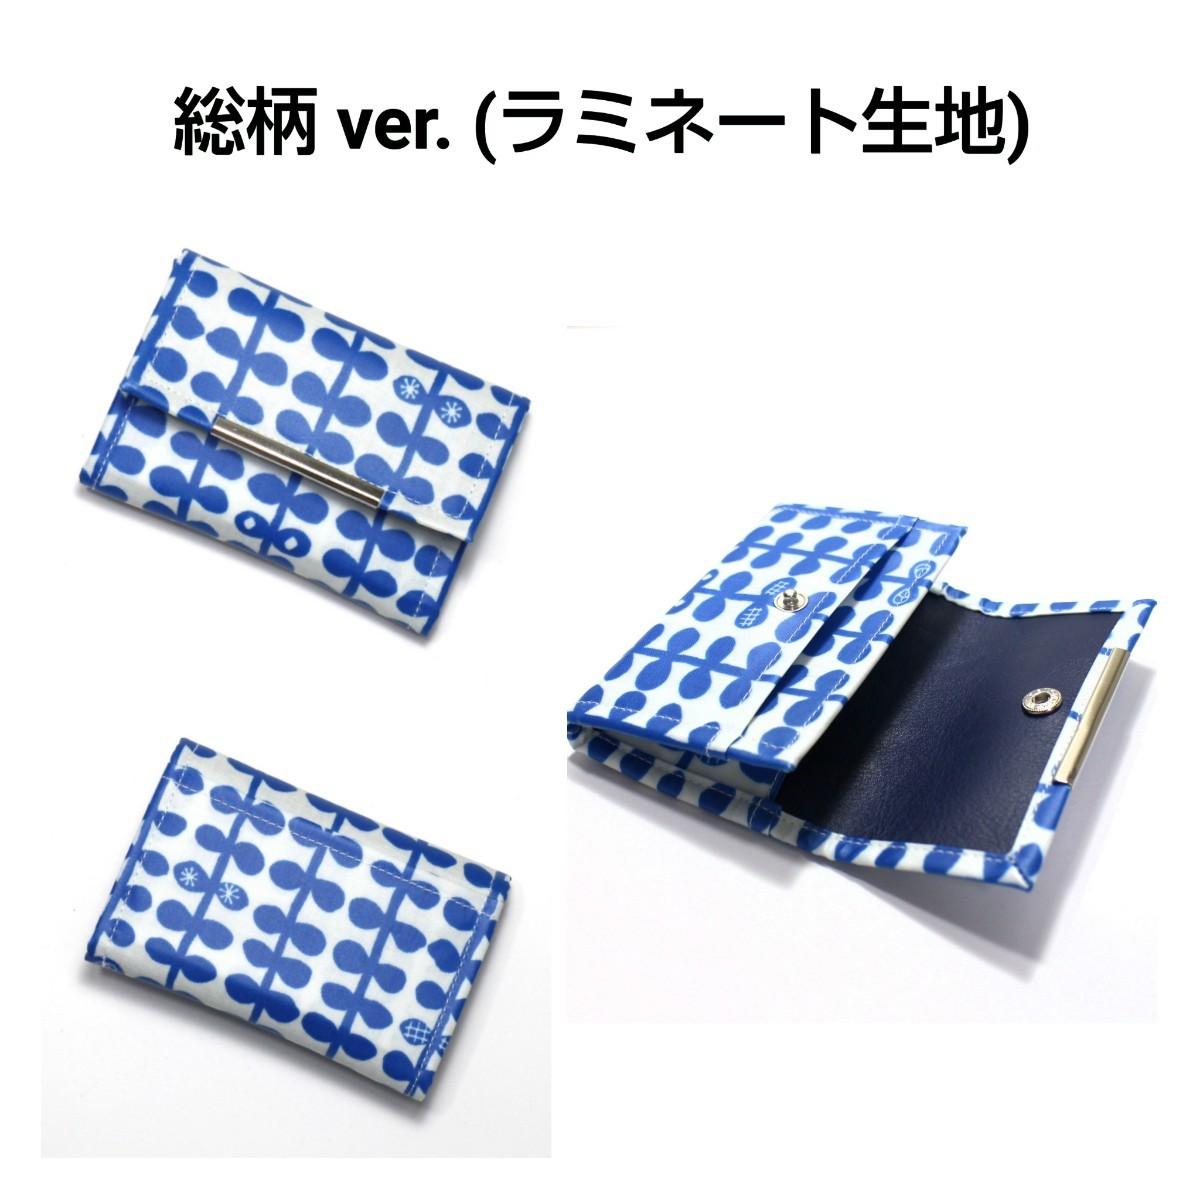 ハンドメイド【lov.B】コイン・カードケース nina-LOV 青